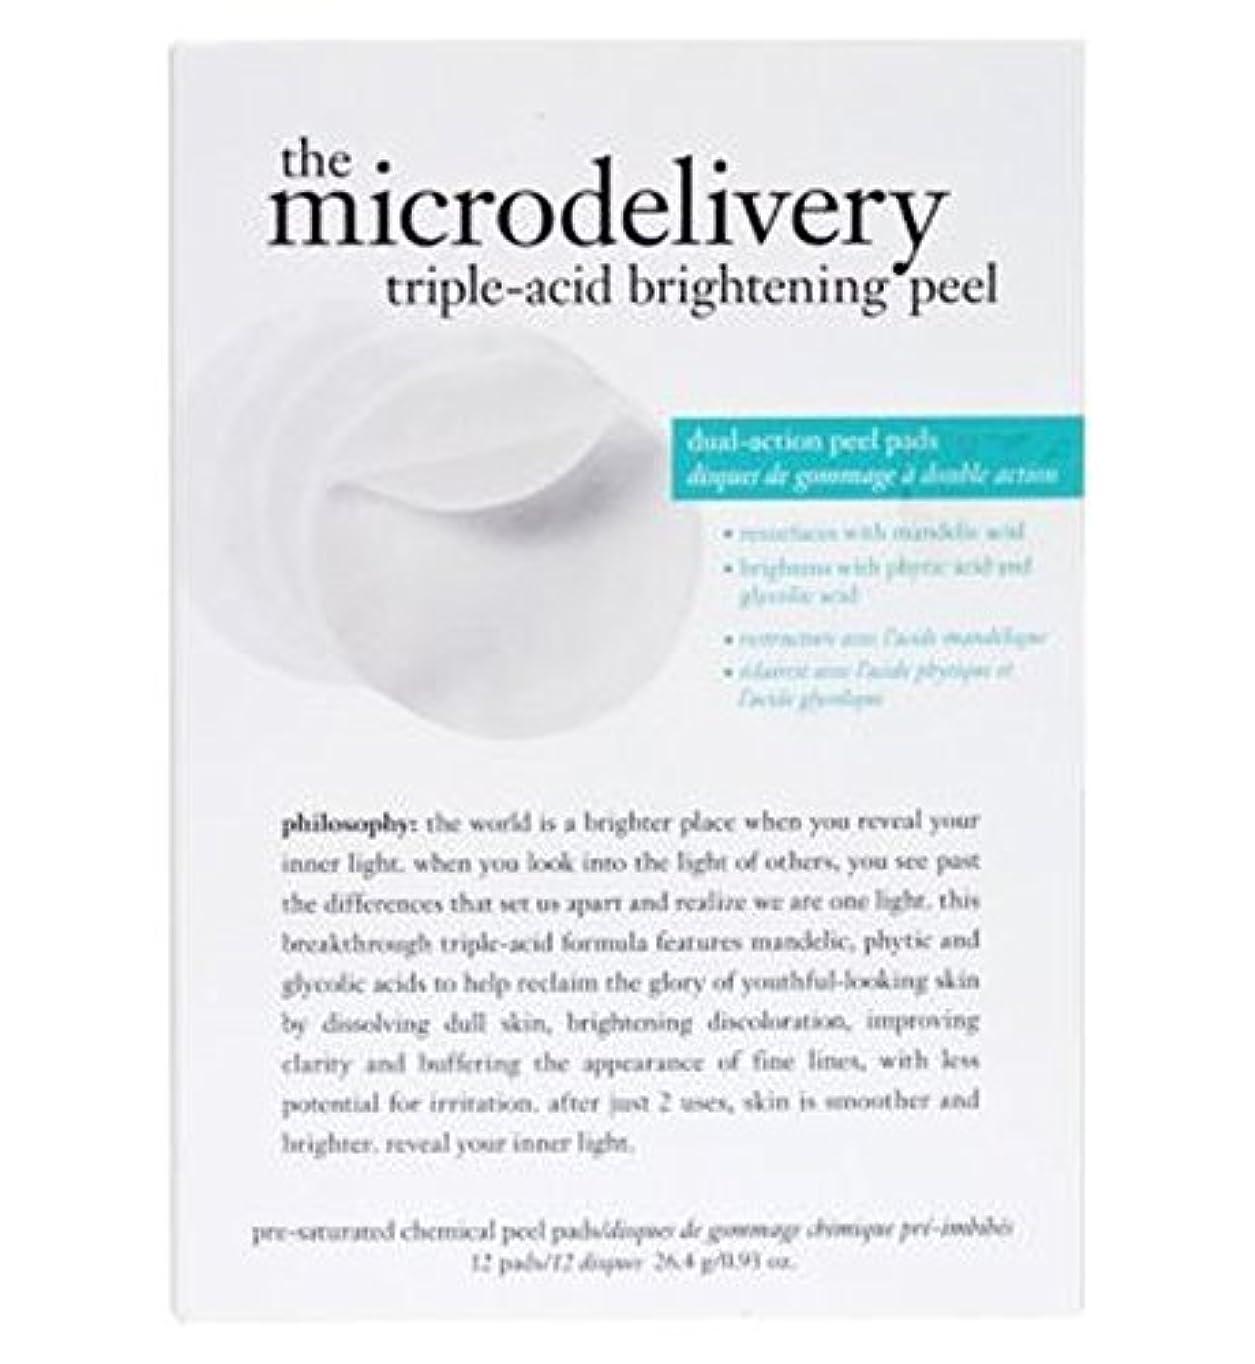 セクタぼかし対人philosophy the microdelivery triple-acid brightening peel - 哲学ミクロ送達トリプル酸増白皮 (Philosophy) [並行輸入品]